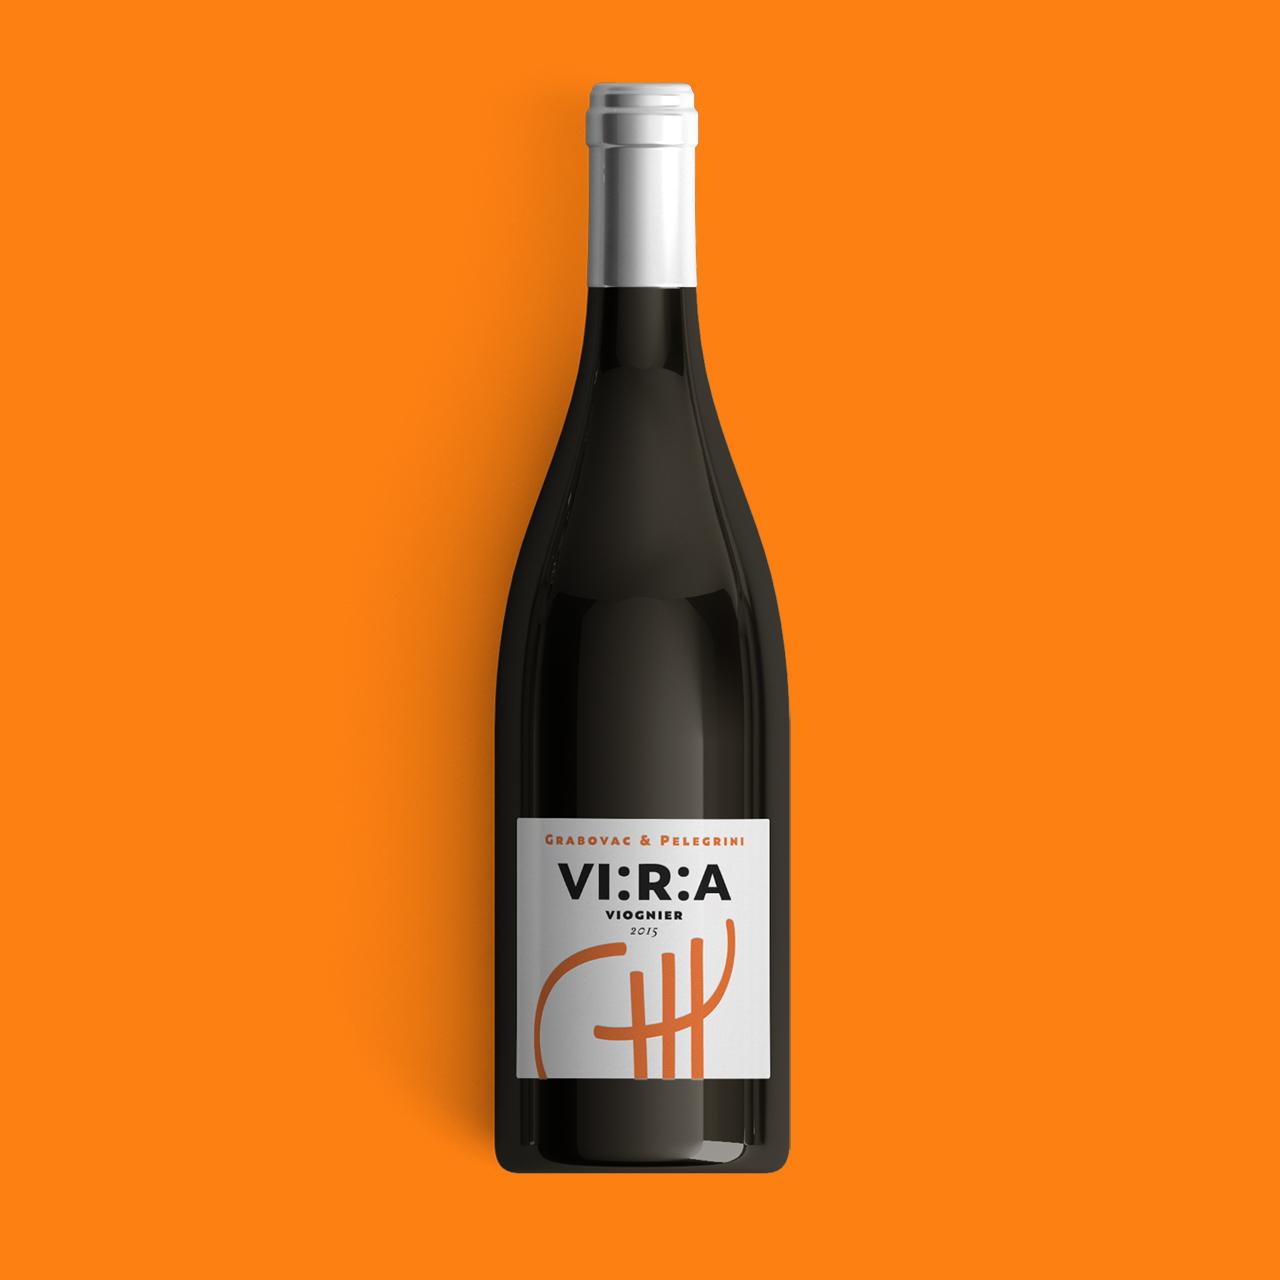 Vira-3